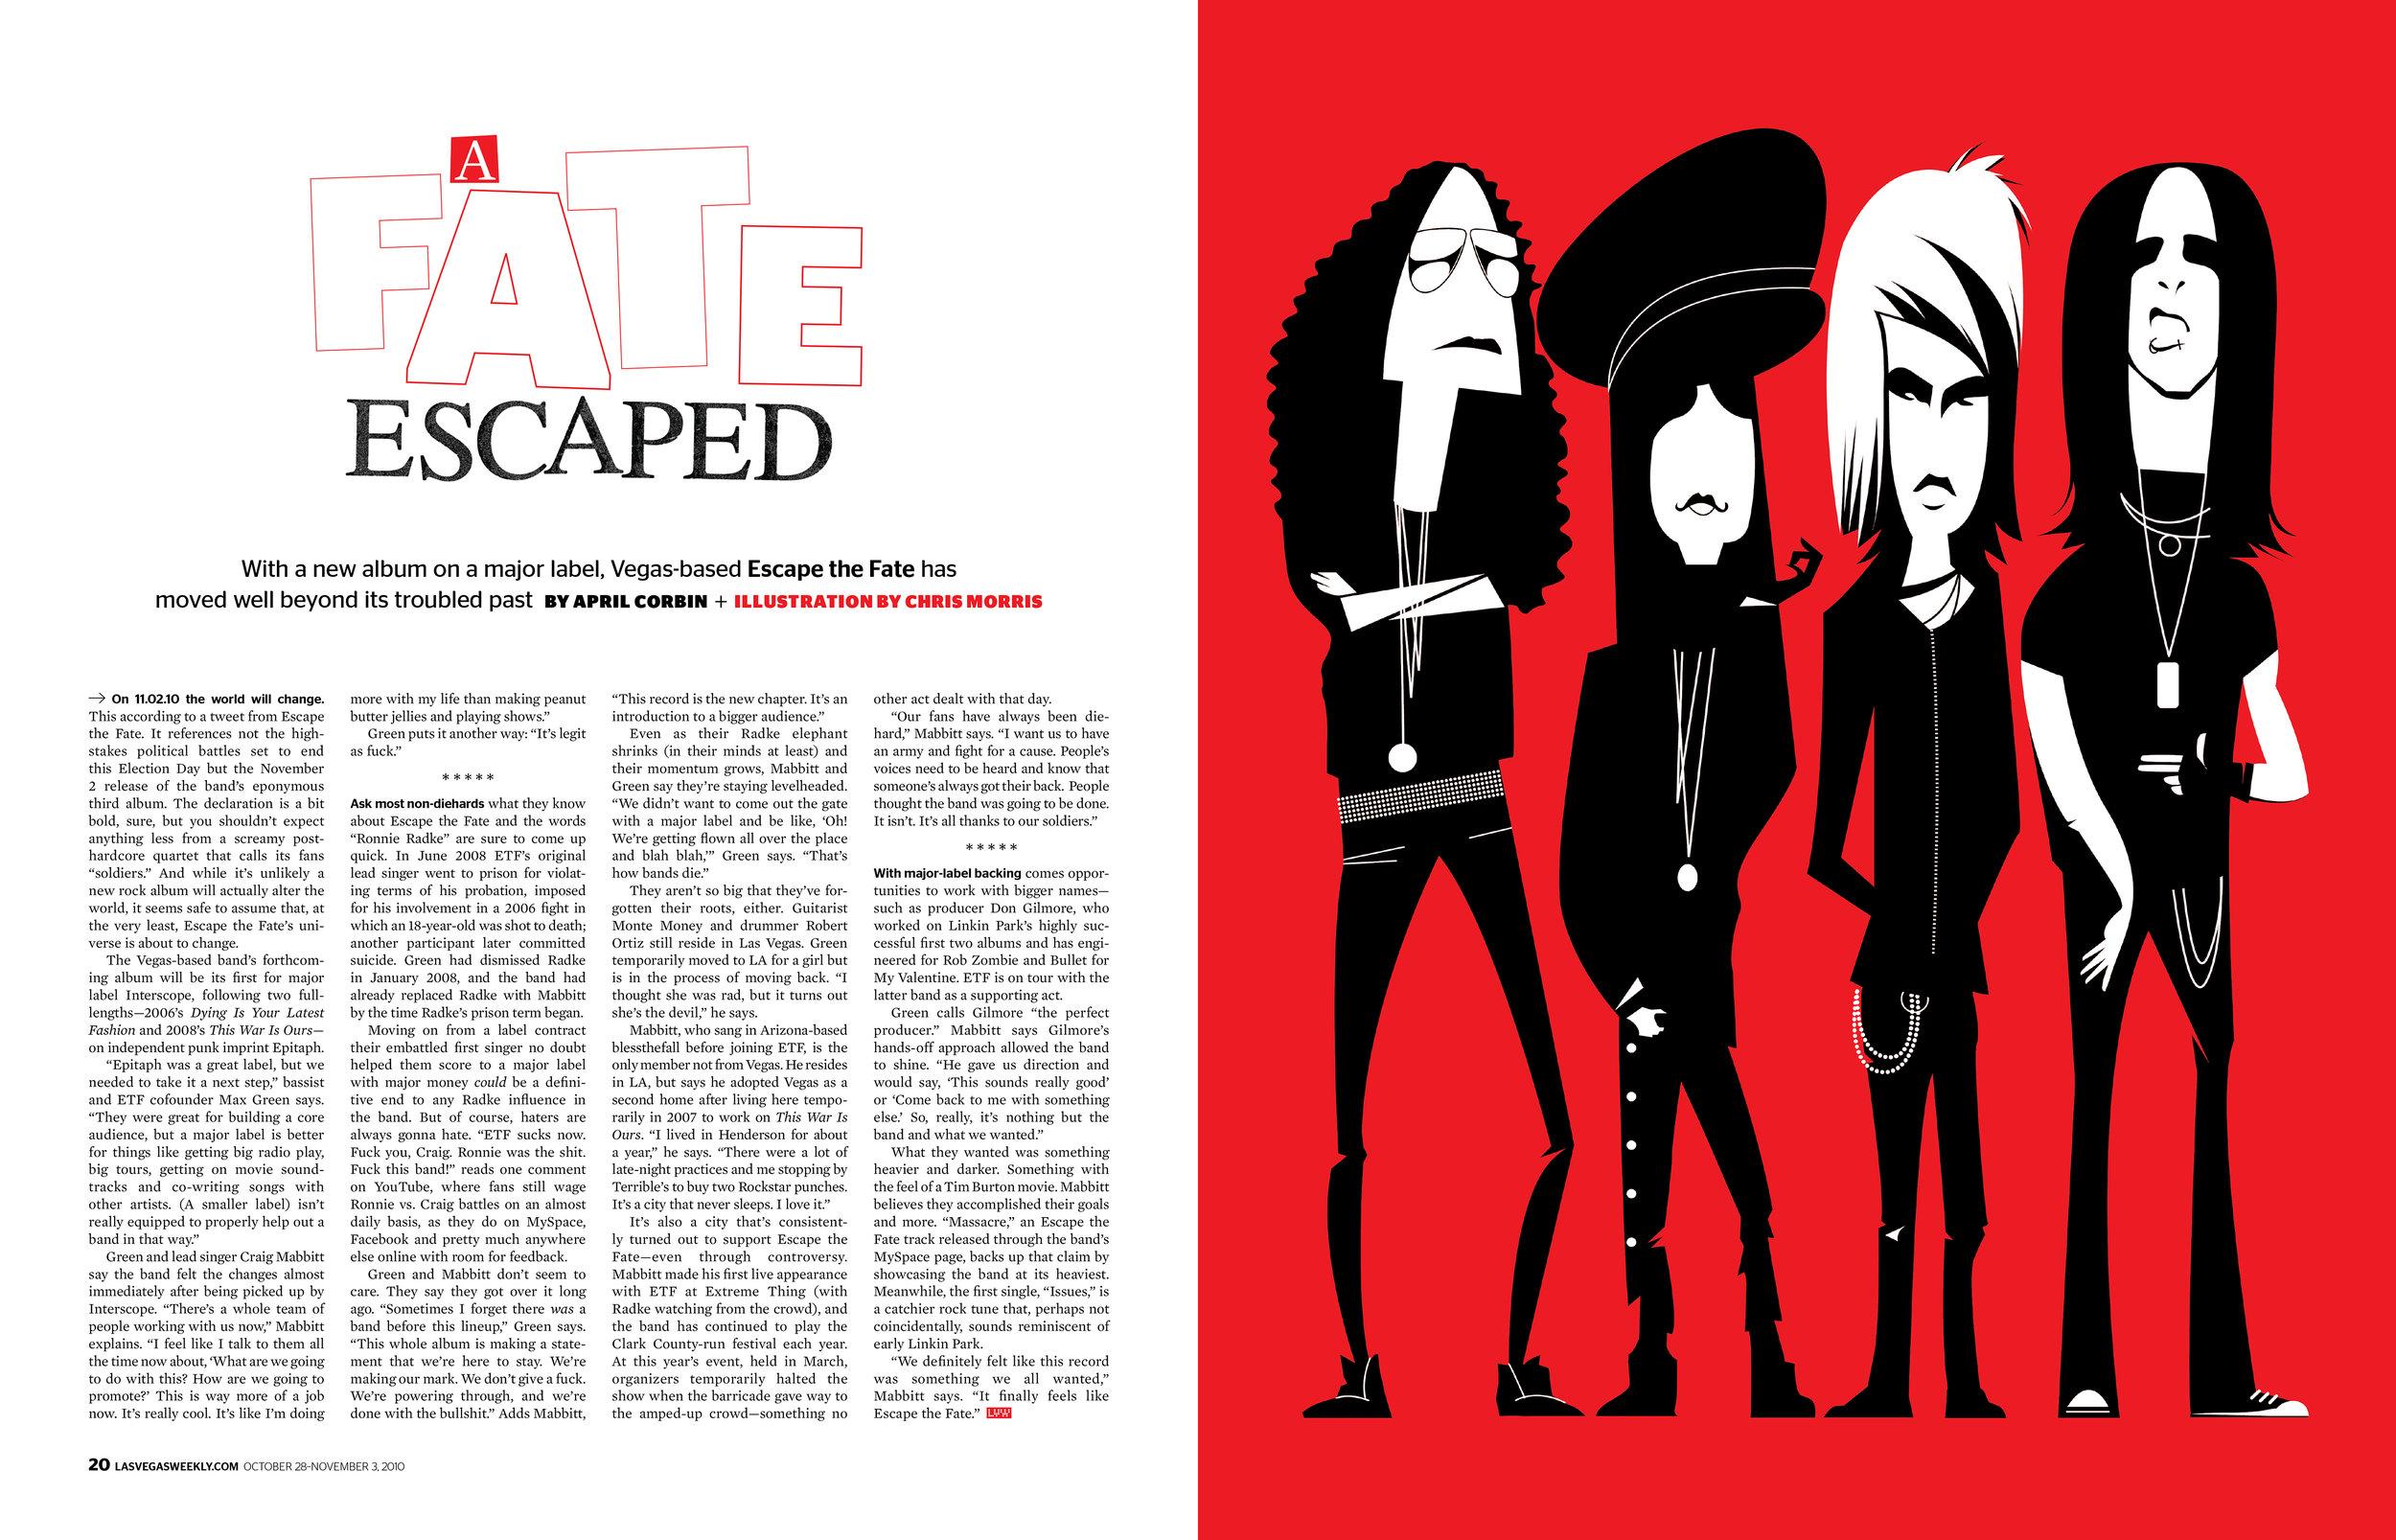 14_20101028_lvw_escape_the_fate.jpg